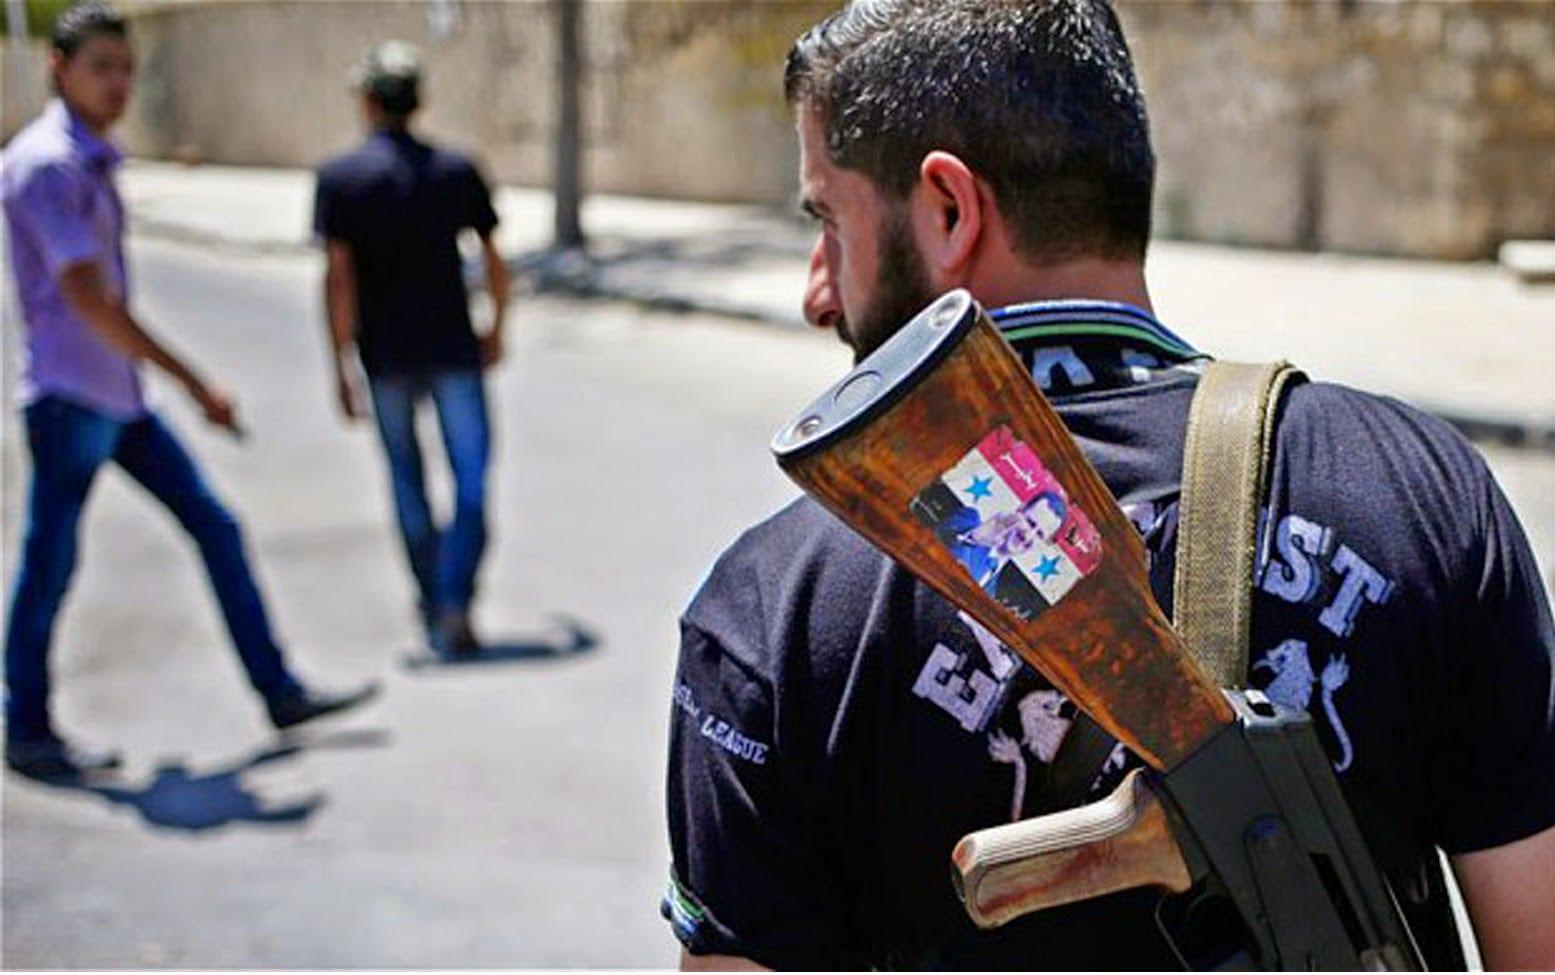 لواء درع الساحل وأكثر من 1500 مقاتل إيراني في ريف اللاذقية